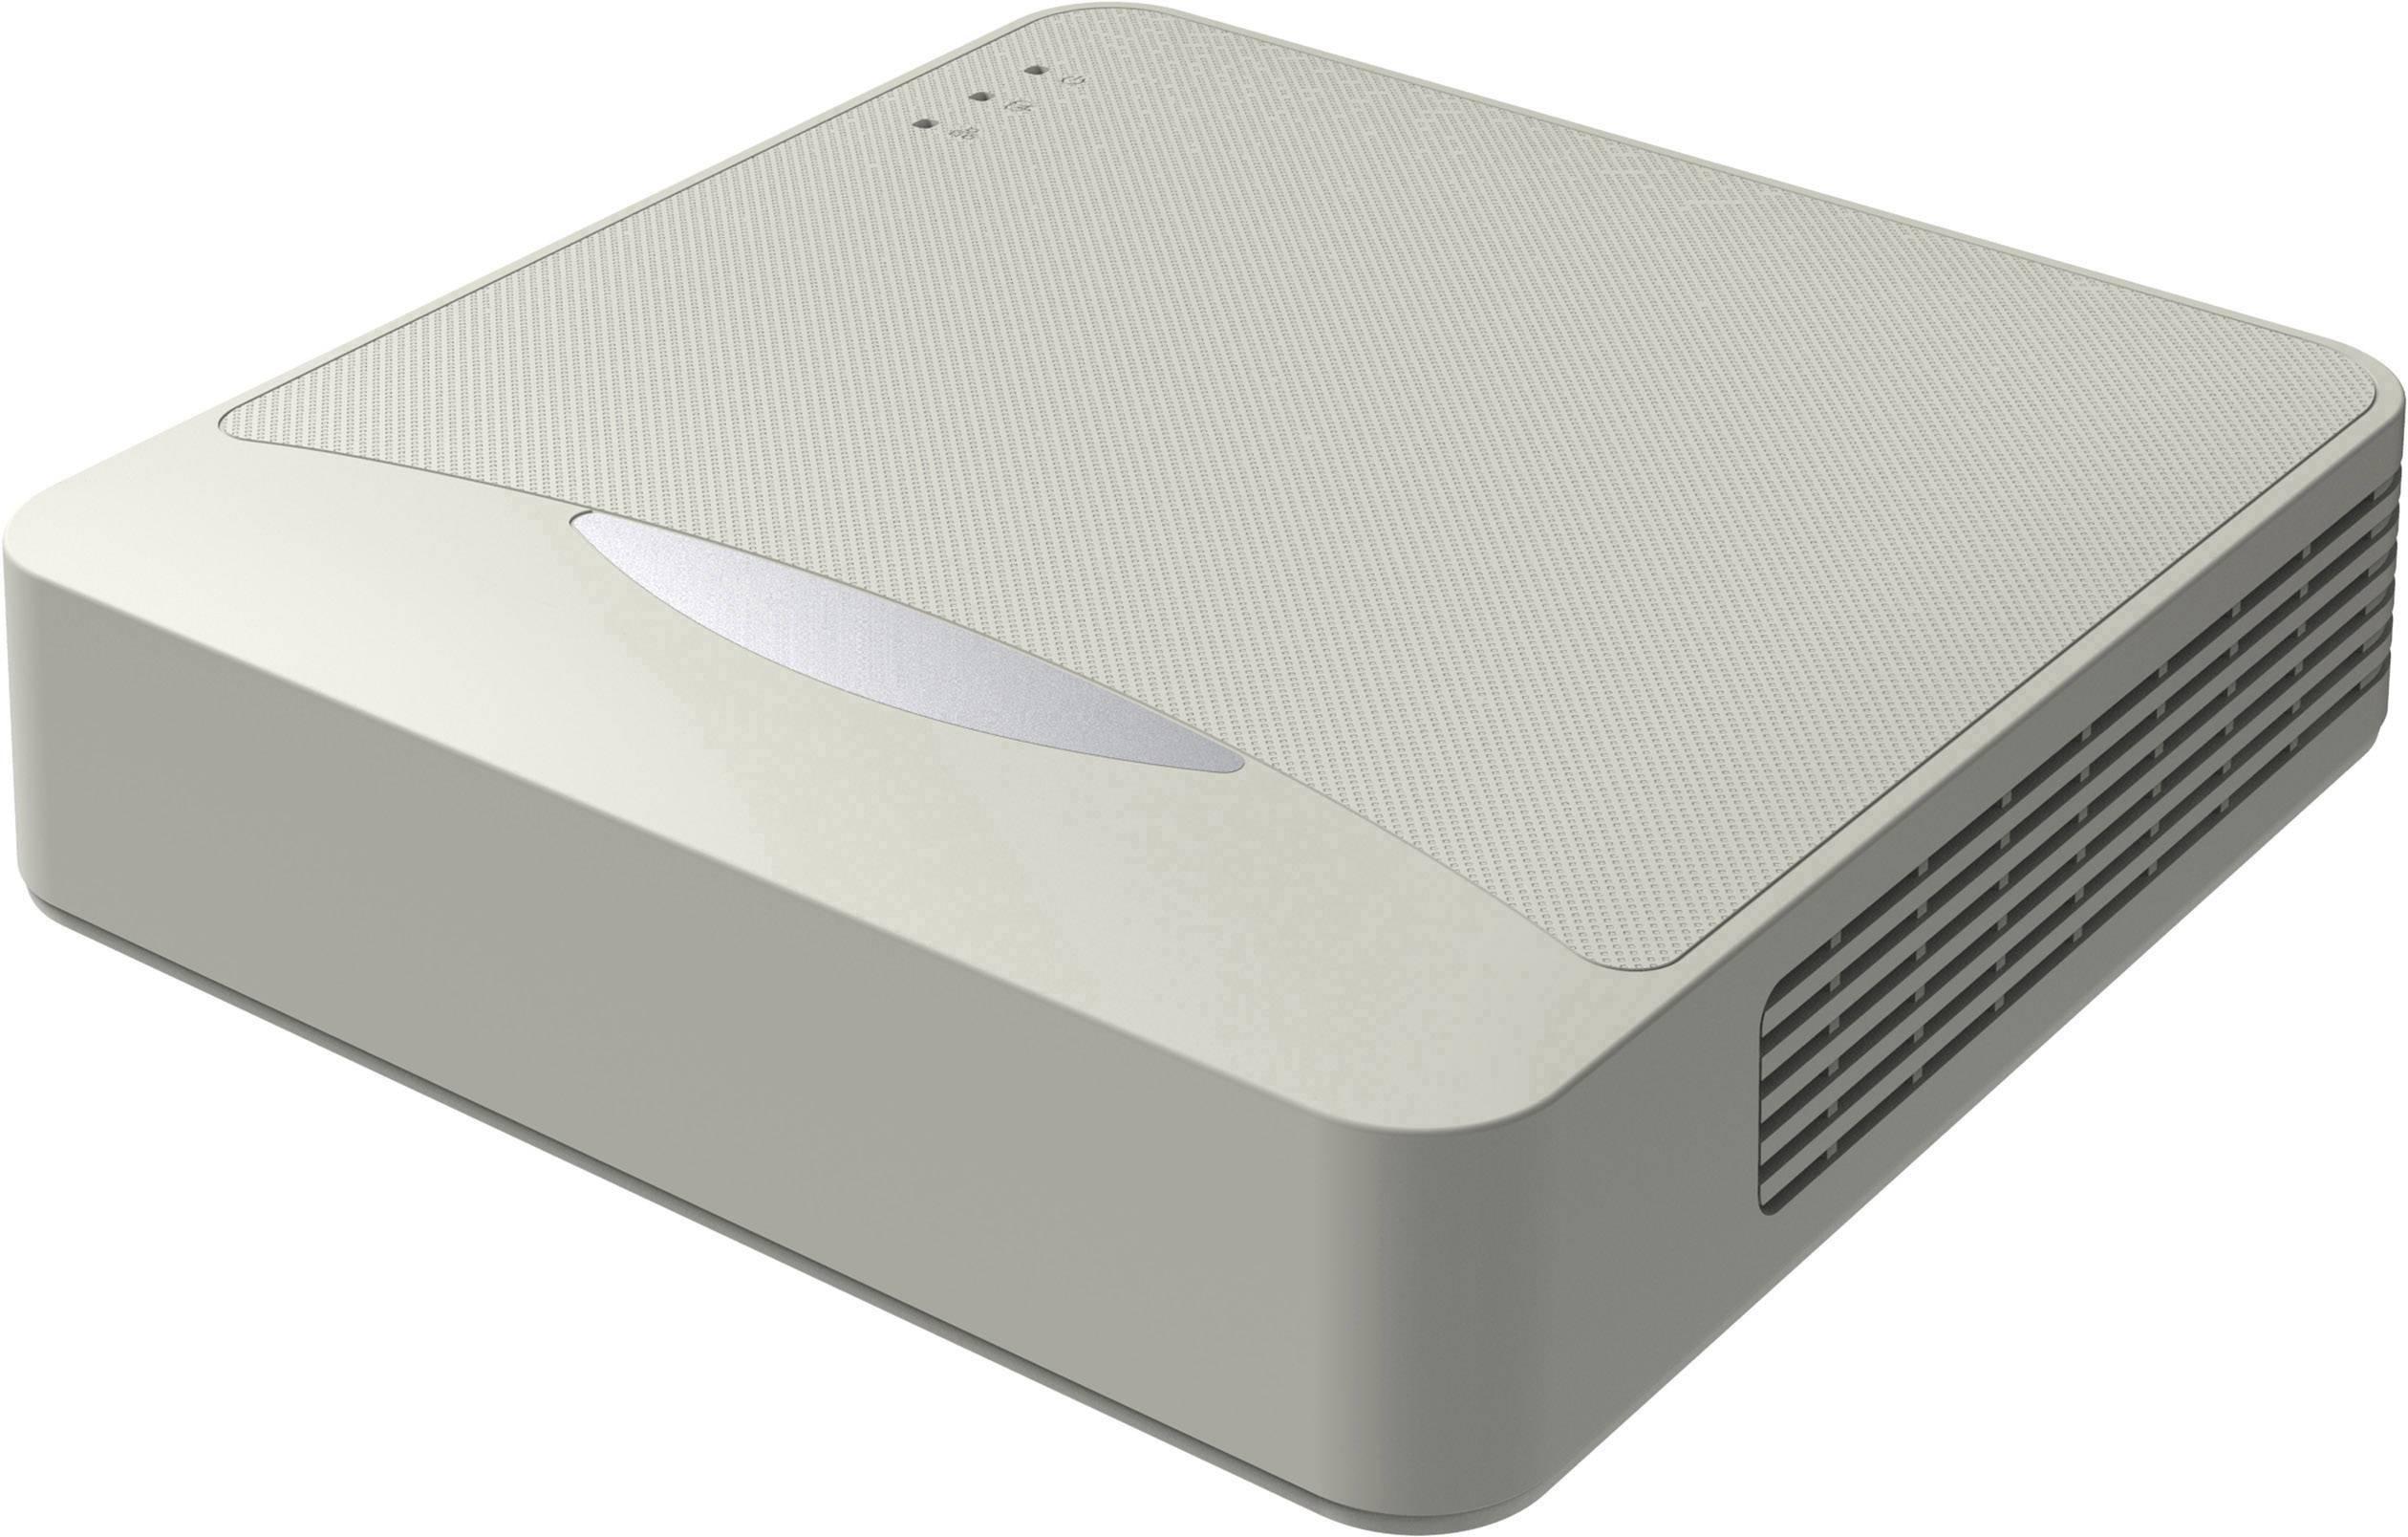 Digitálny videorekordér pre bezpečnostné kamery HiWatch DS-H104Q, 4-kanálový